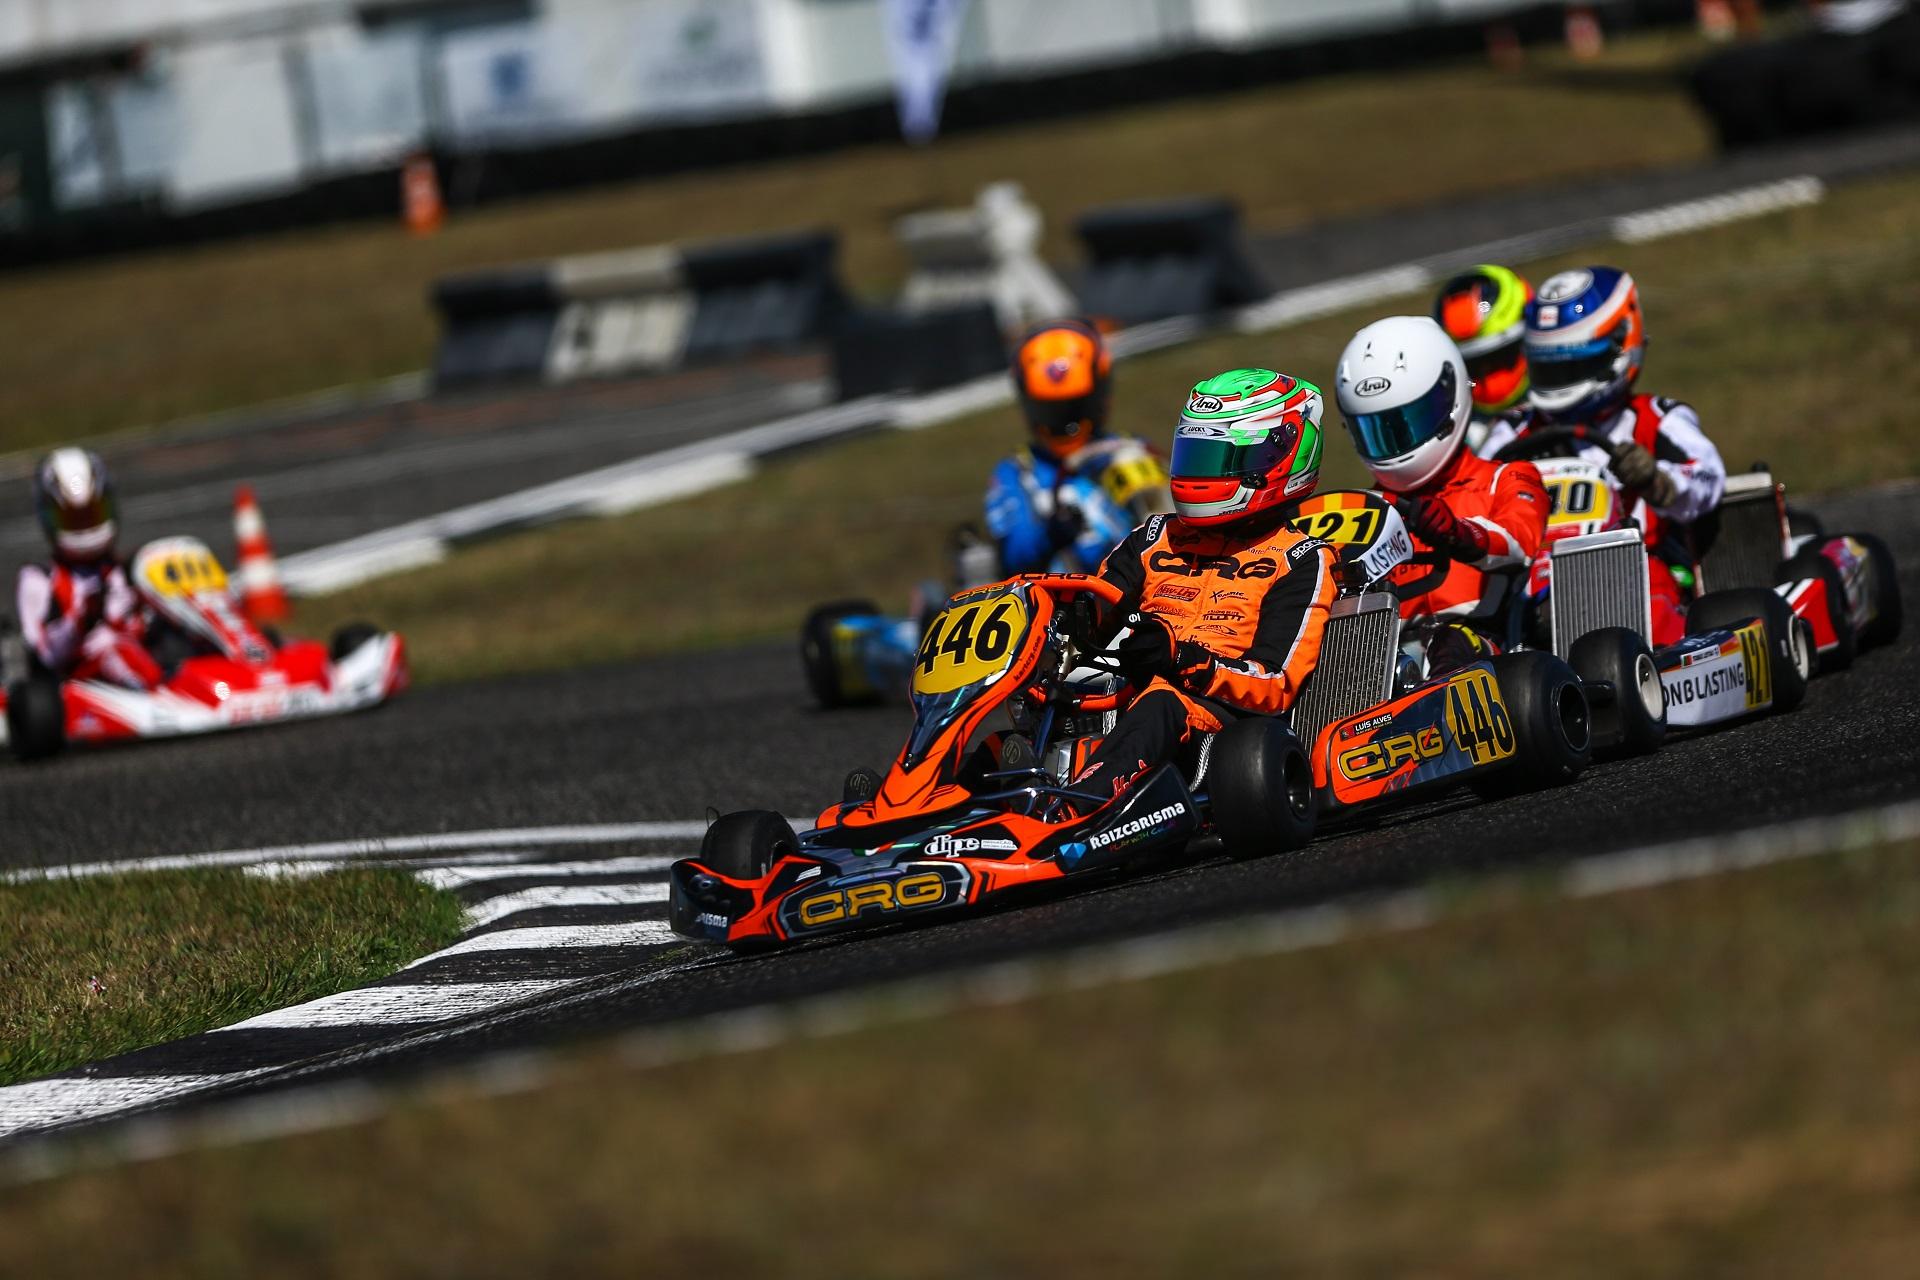 Luís Alves reforça comando no CPK da categoria X30 com triunfo no Bombarral